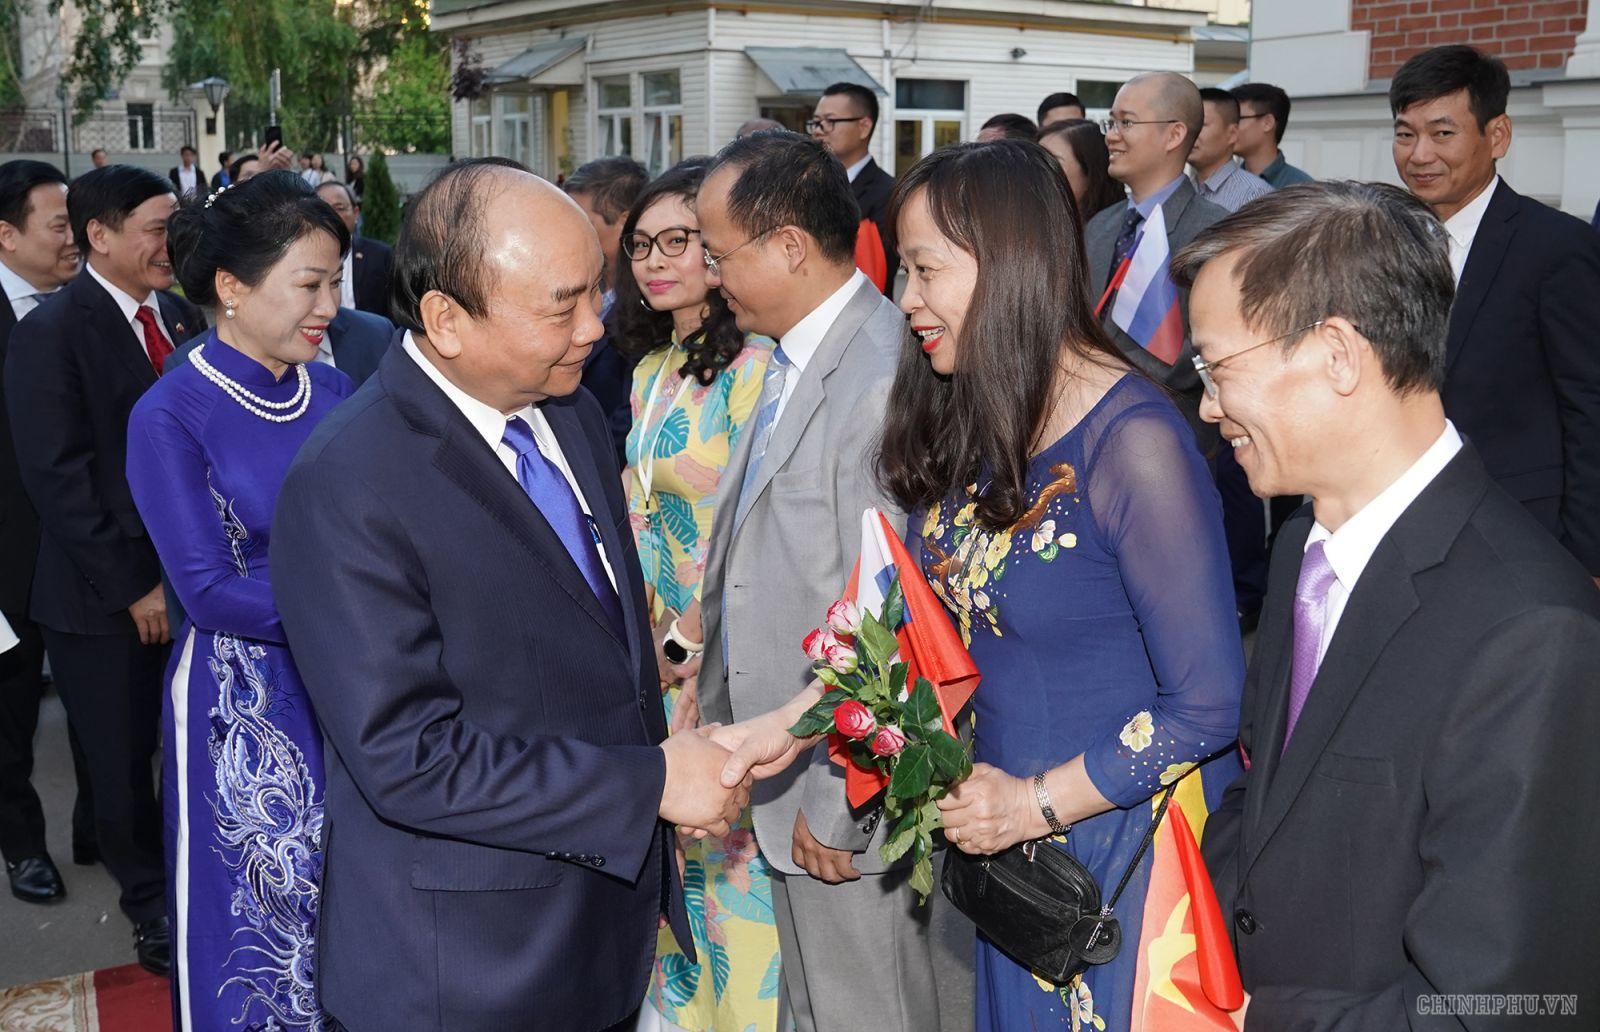 """Thủ tướng mong muốn """"mỗi người Việt ở Nga phải là đại lý tiêu thụ hàng Việt"""". Ảnh VGP/Quang Hiếu"""